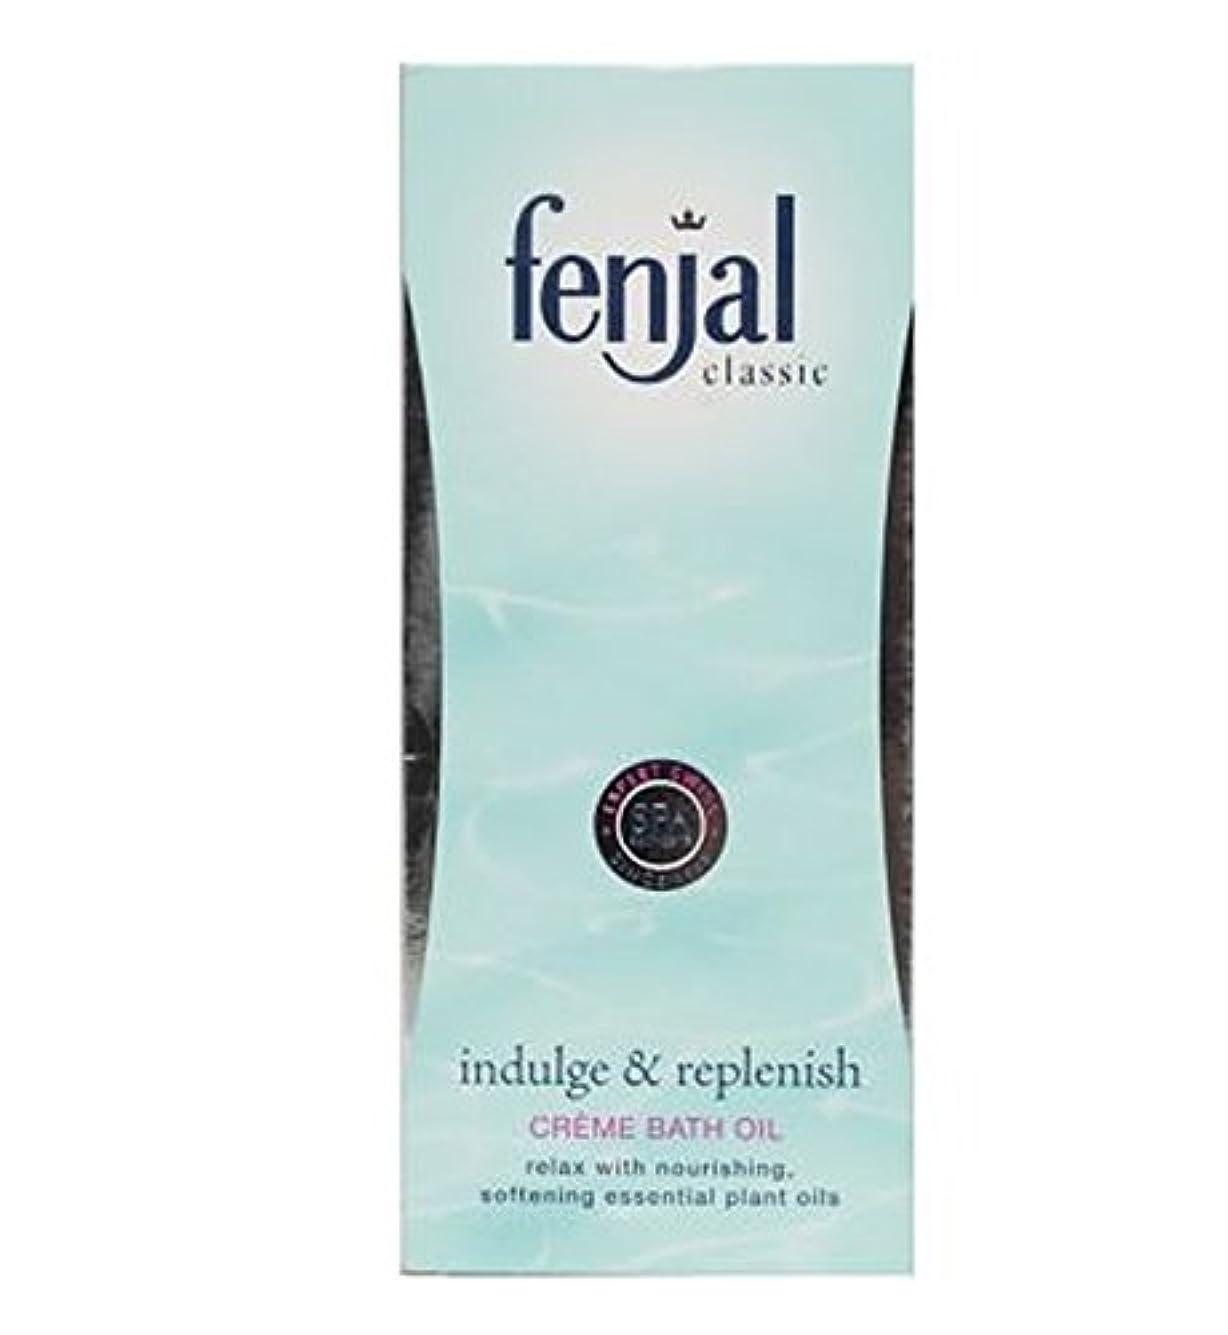 スピリチュアル受賞トレーニングFenjal Classic Luxury Creme Bath Oil 125 ml - Fenjal古典的な高級クリームバスオイル125ミリリットル (Fenjal) [並行輸入品]